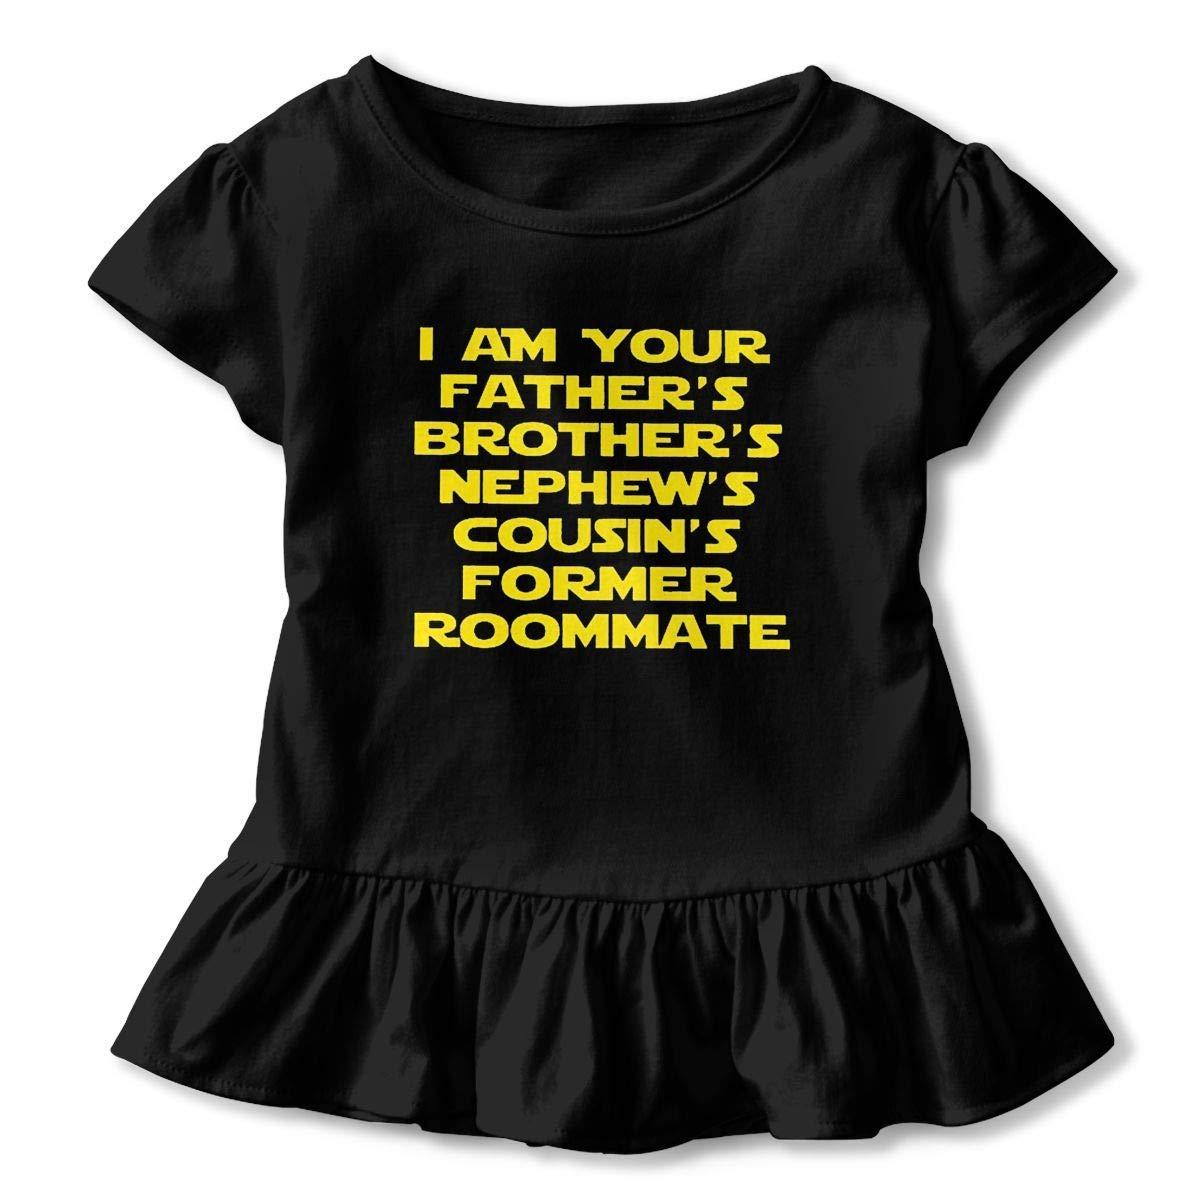 lu fangfangc WHO I AM T-Shirt Infant Girl Flounced T Shirts Fashion Outfits for 2-6T Baby Girls